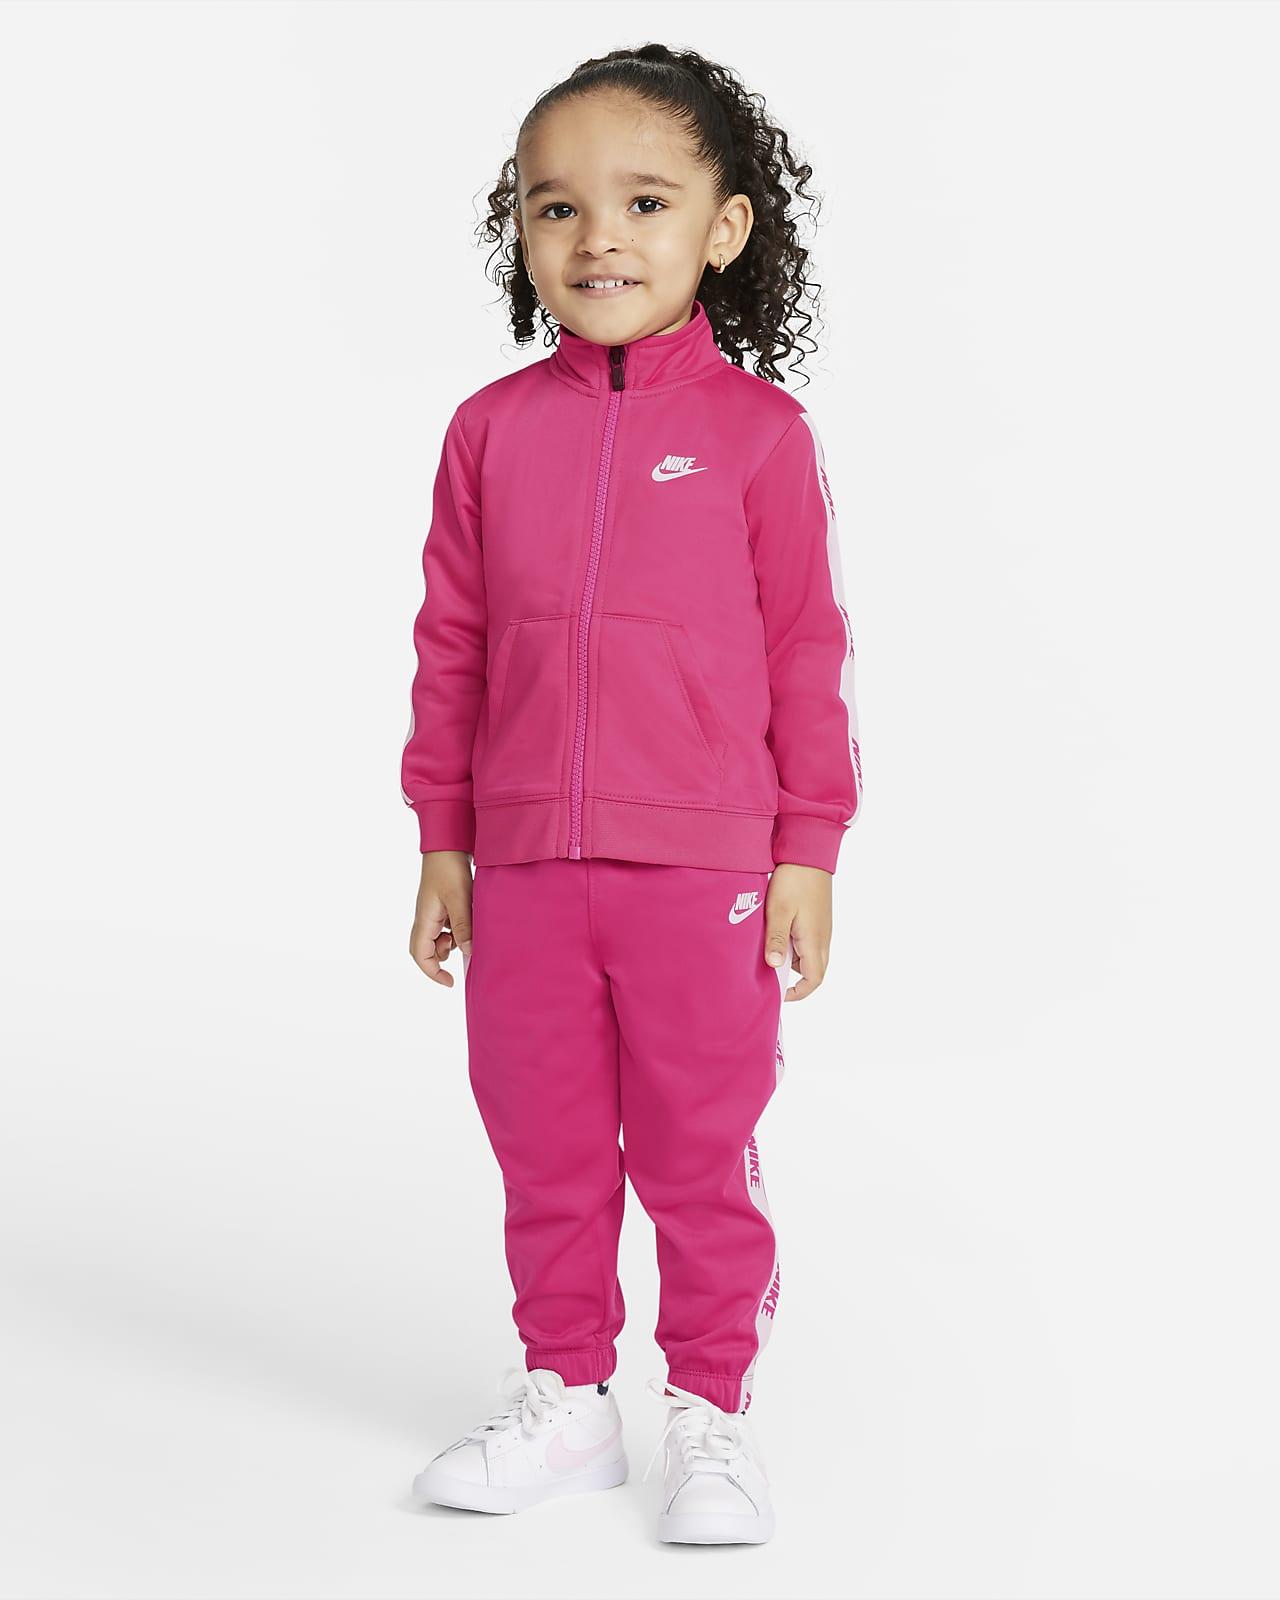 Nike kabát és nadrág szett babáknak (12–24 hónapos)